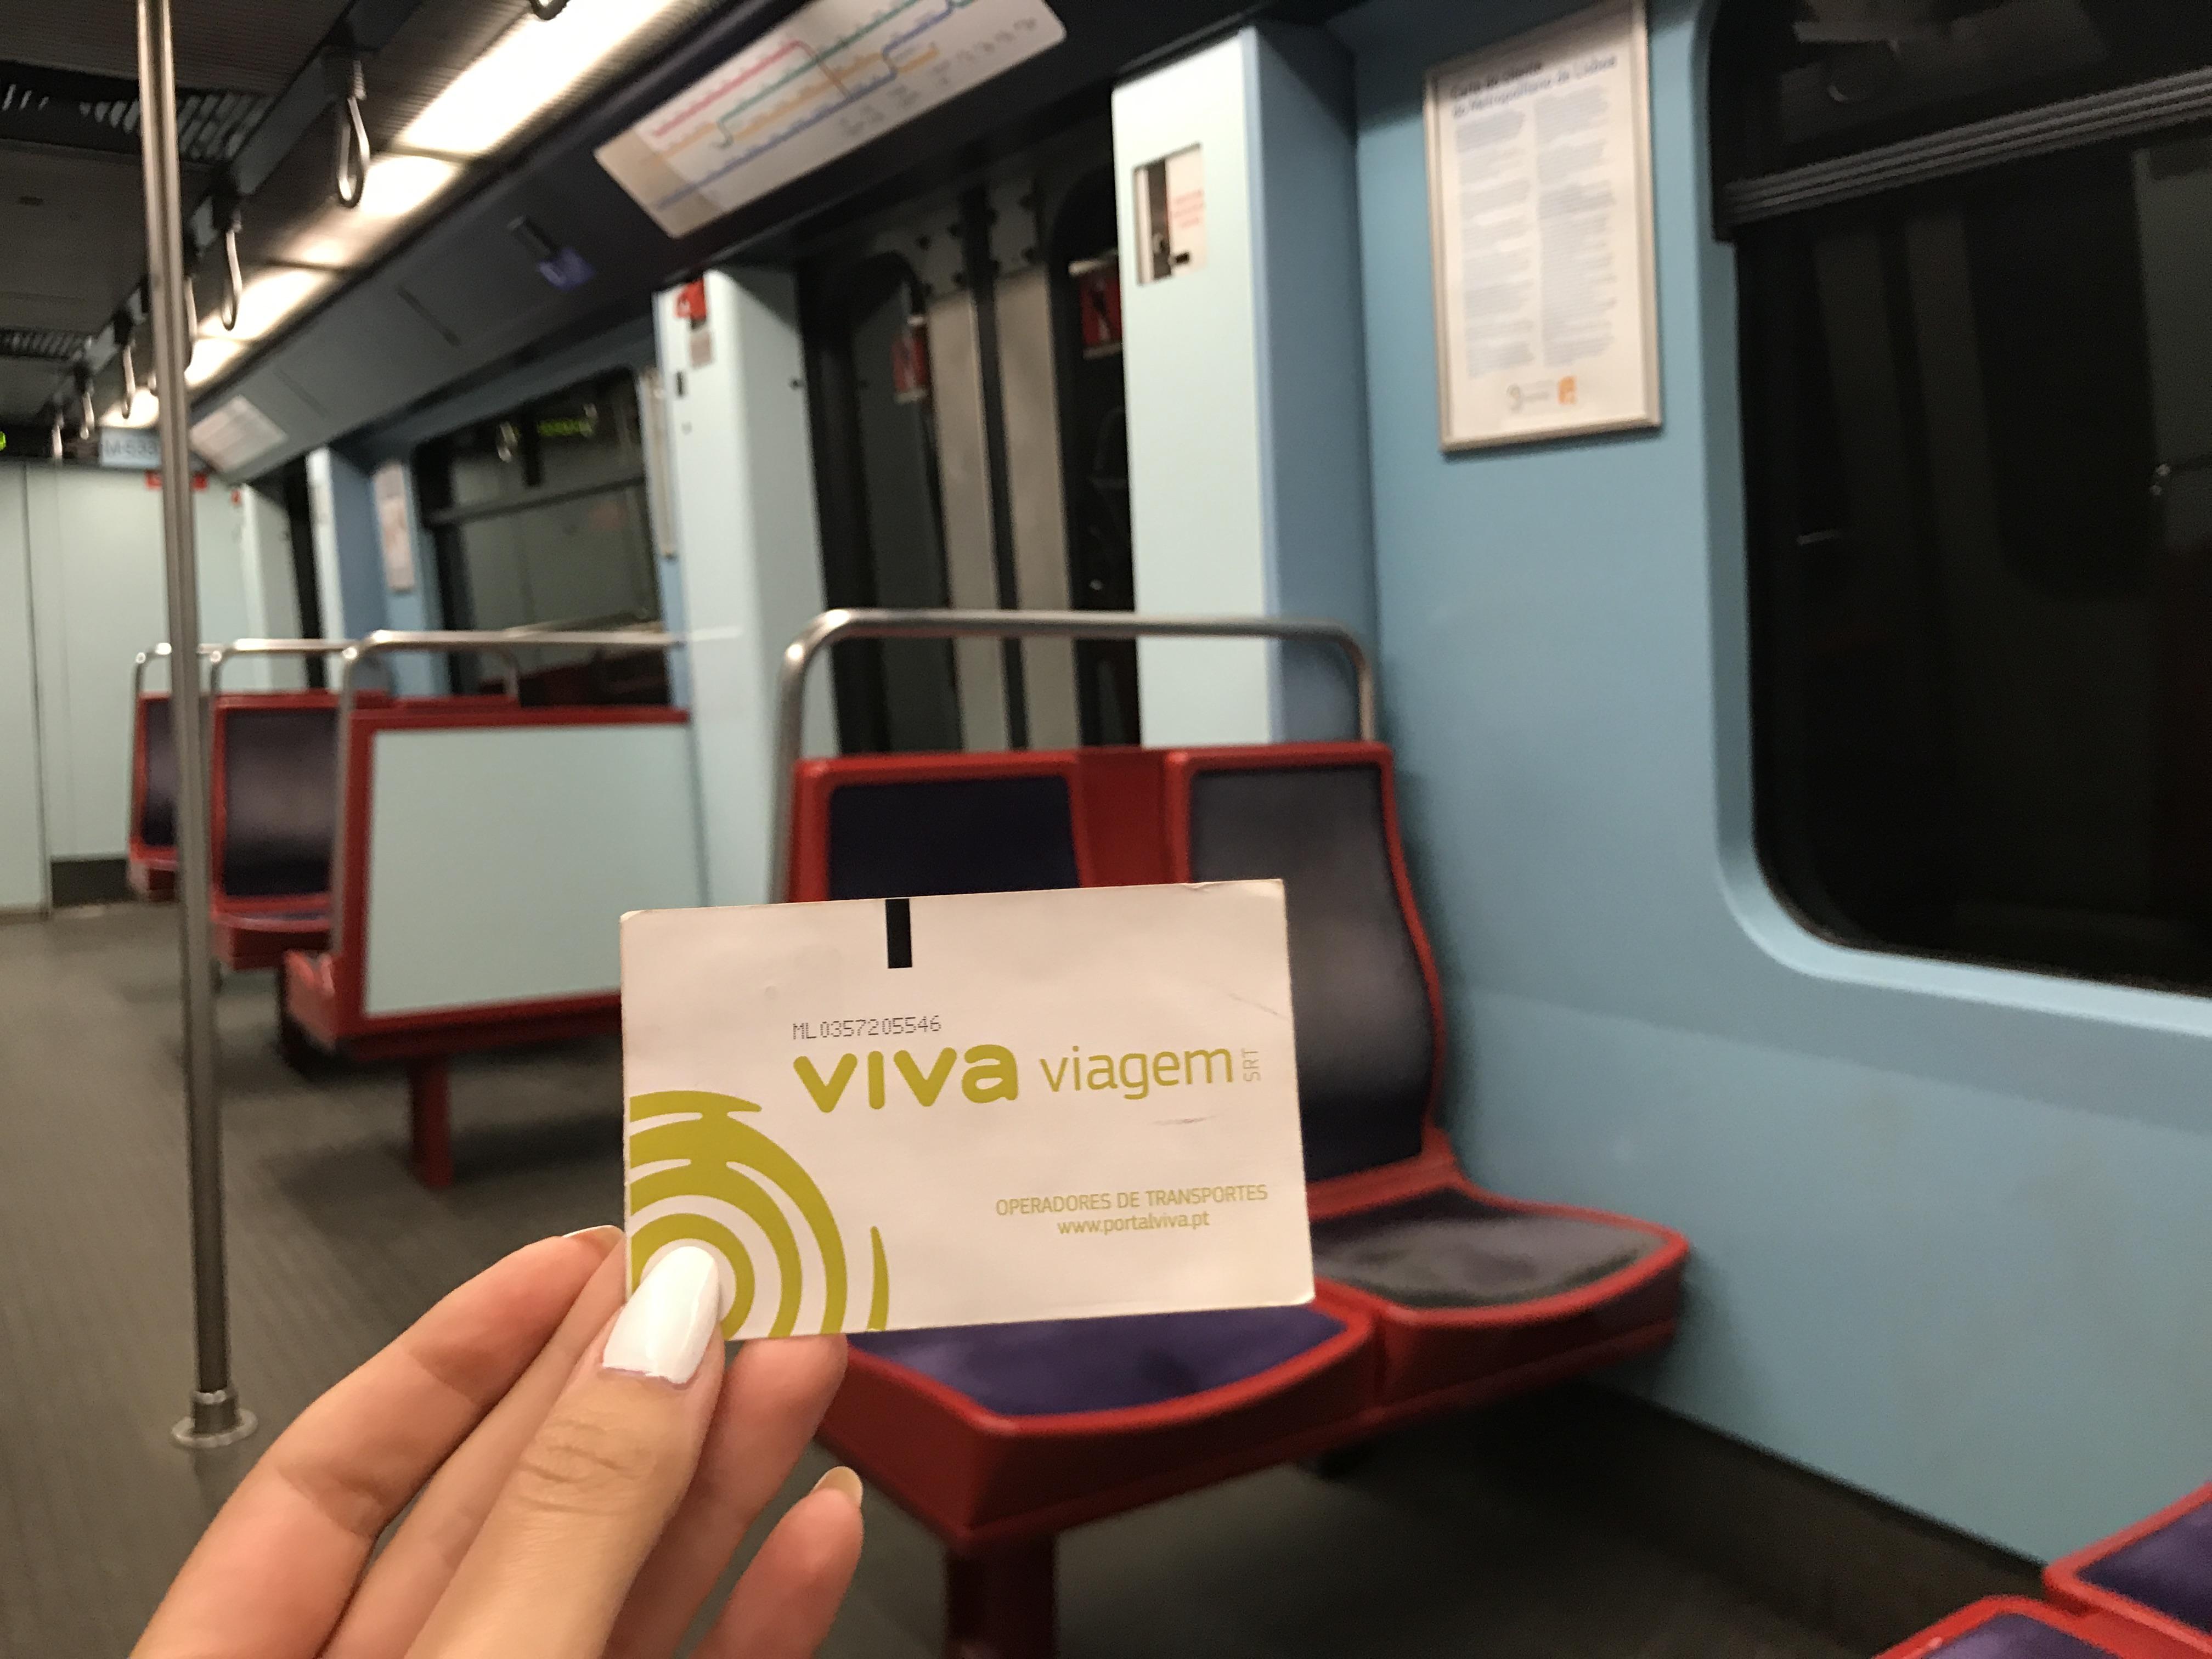 Lissabon: Viva viagem Karte in der Metro (0,50 € für die Karte, die wie eine Prepaidkarte ist, nicht wegschmeißen, wiederverwendbar!)